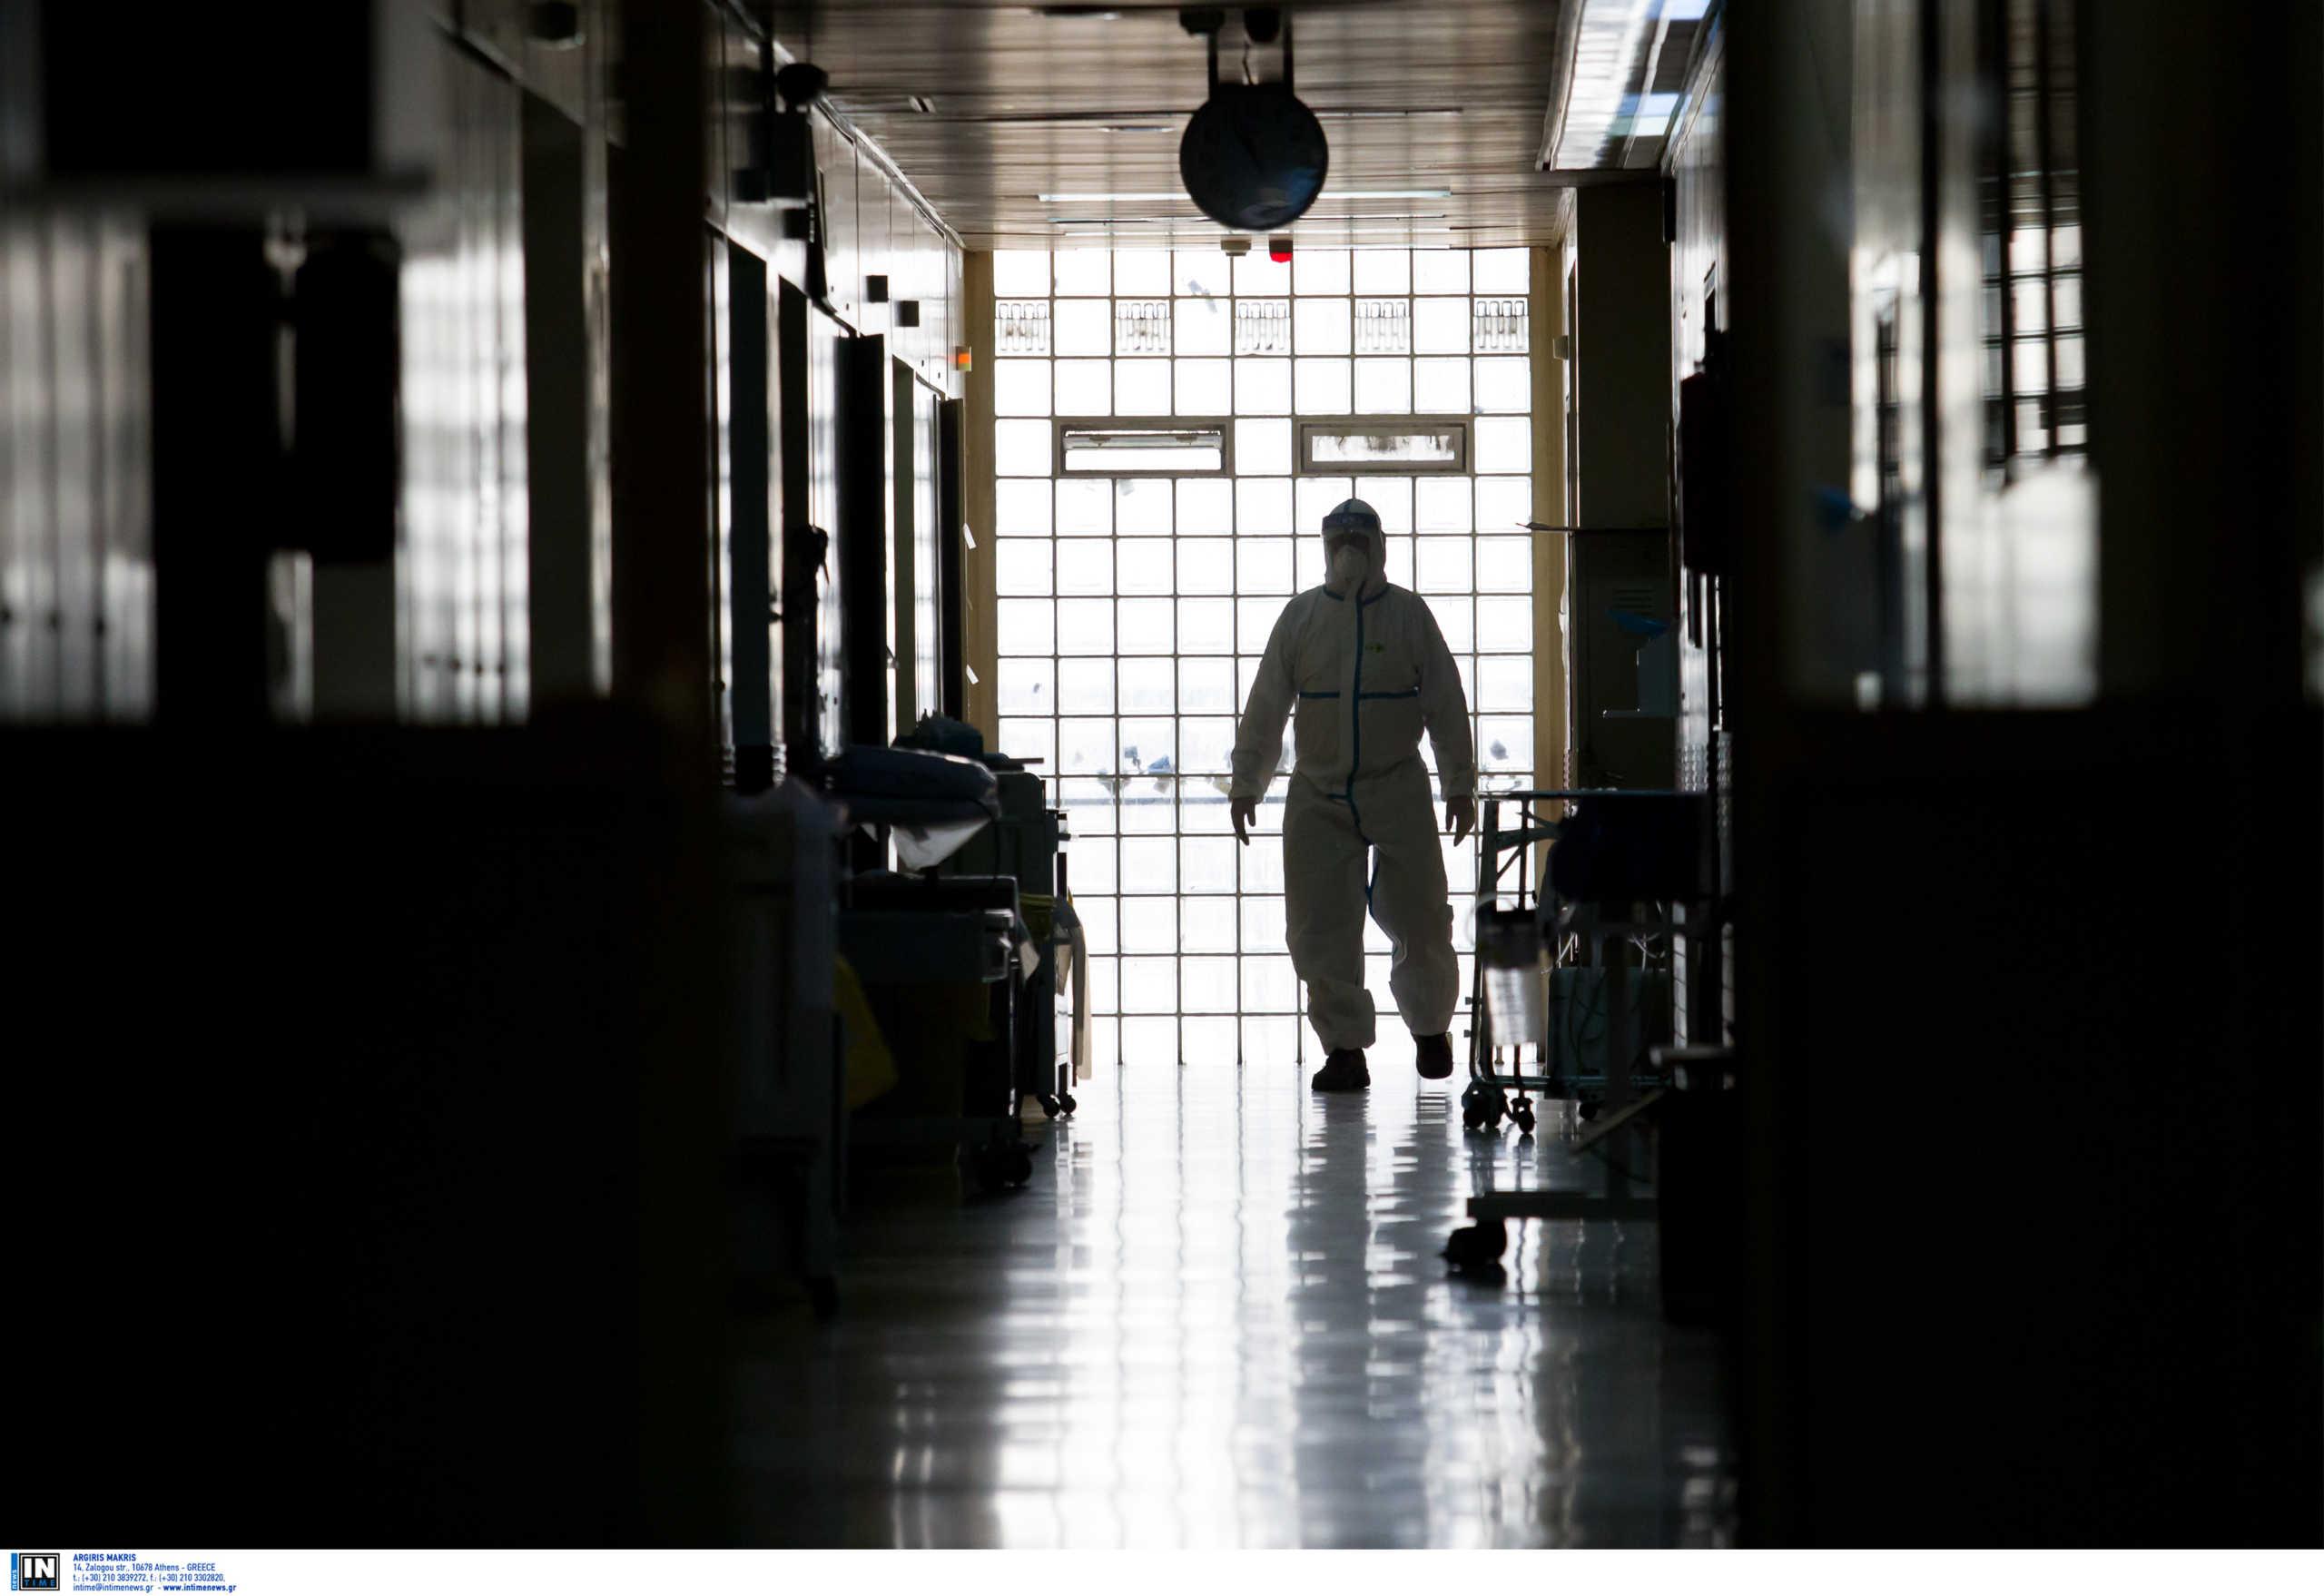 Κρούσματα κορονοϊού και στο Δημοτικό Βρεφοκομείο Θεσσαλονίκης – Συνεχίζει να «βράζει» η Βόρεια Ελλάδα